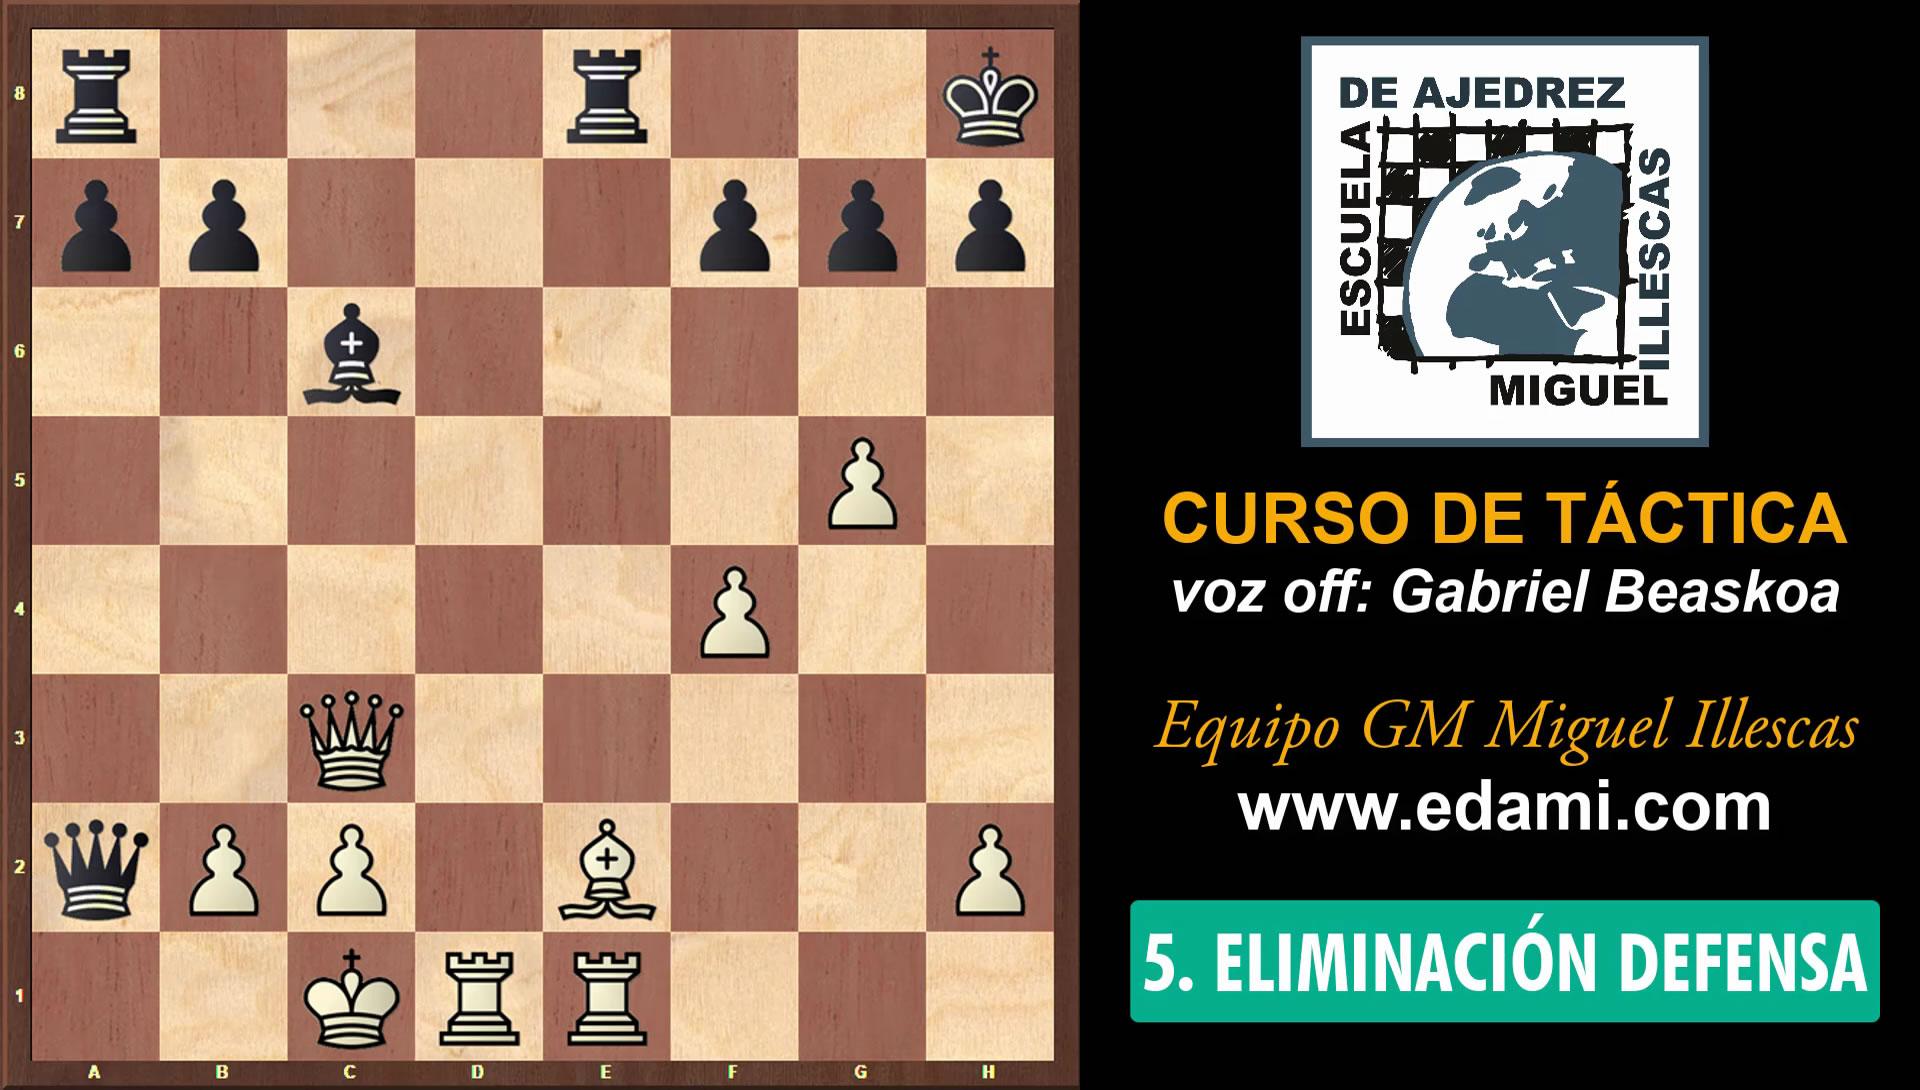 Curso de Táctica de ajedrez EDAMI #06 - La Obstrucción